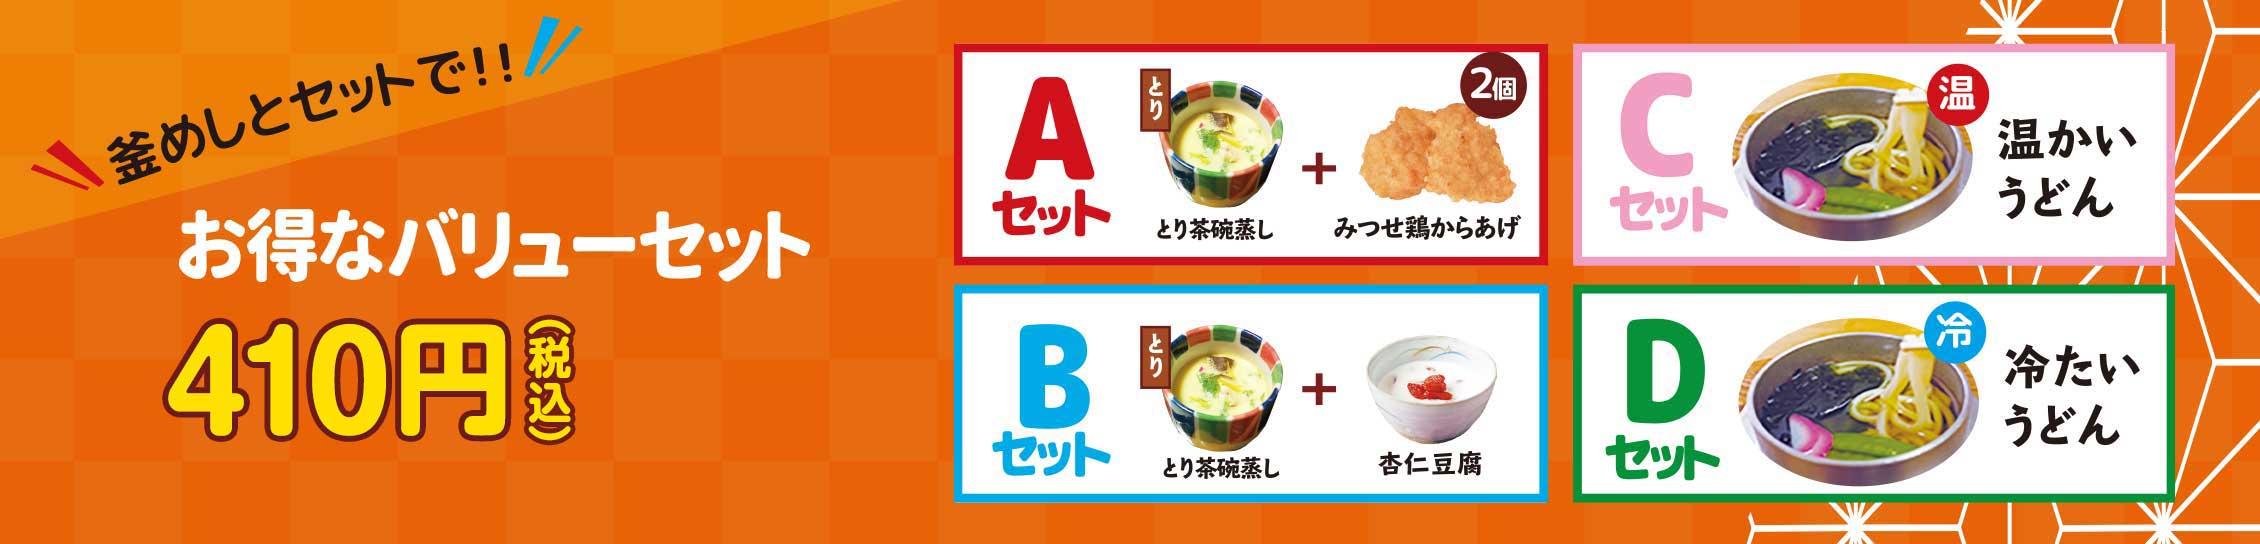 お得なバリューセット380円(税別)